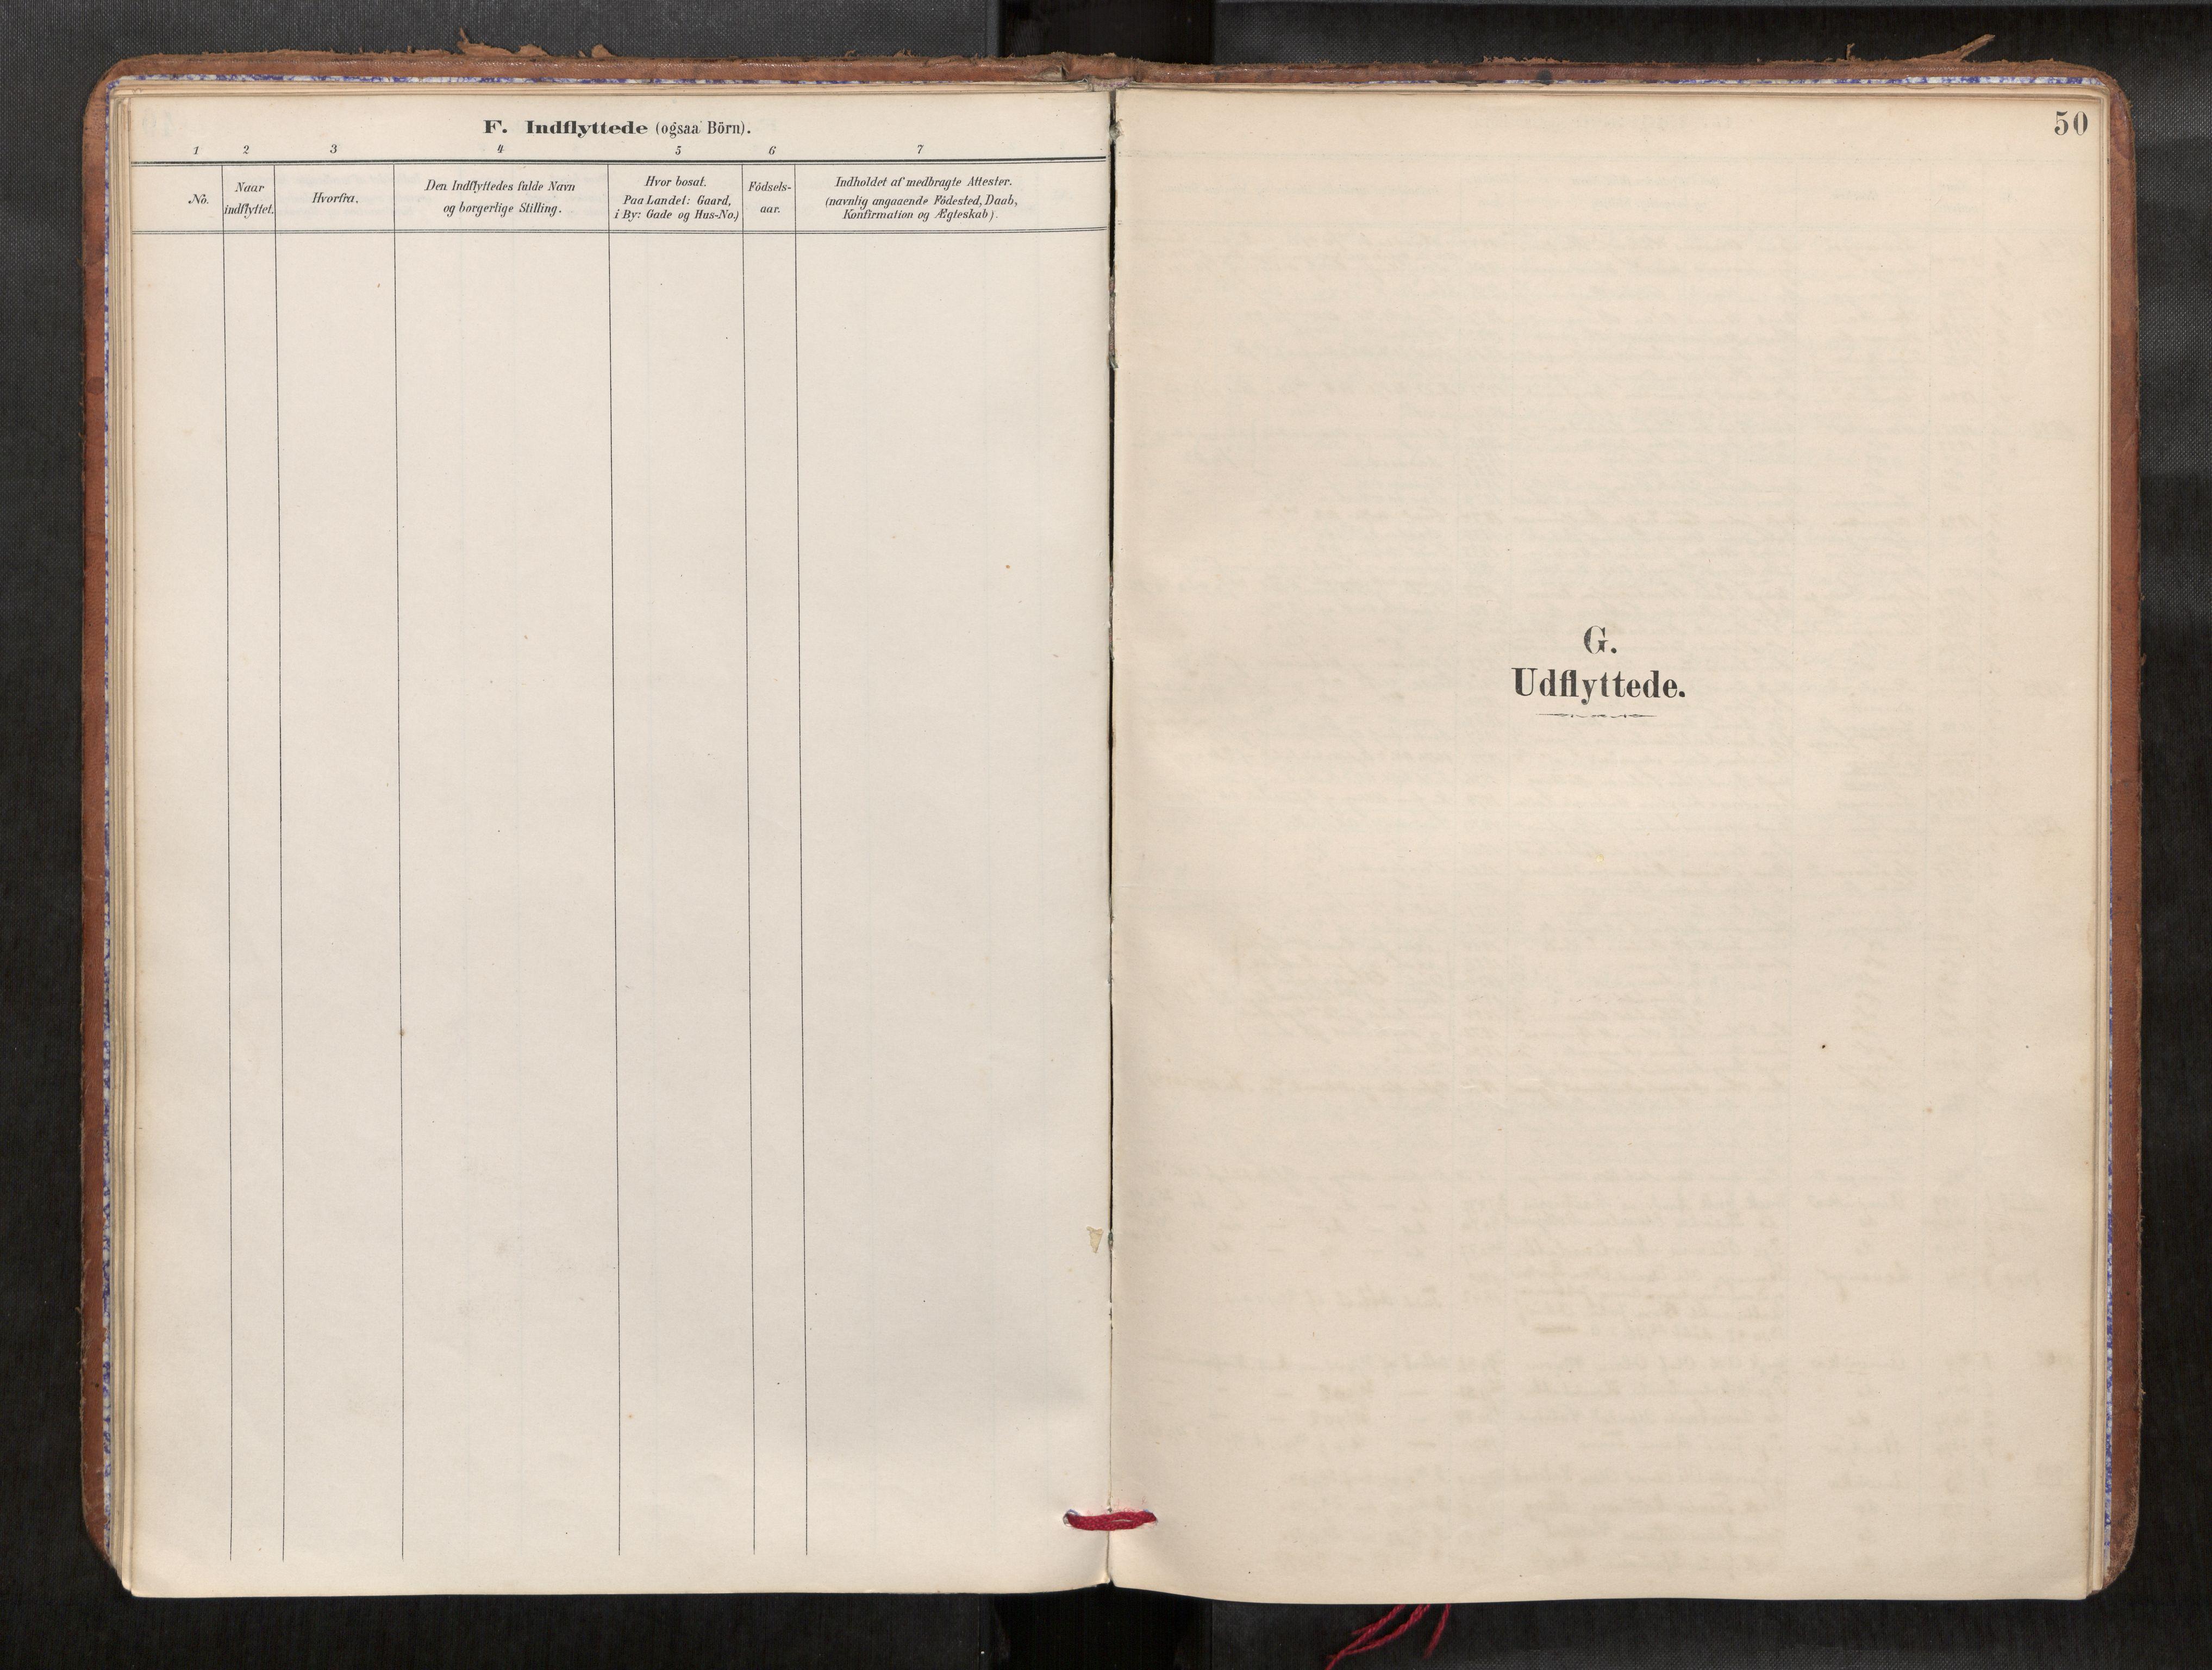 SAT, Verdal sokneprestkontor*, Parish register (official) no. 1, 1891-1907, p. 50